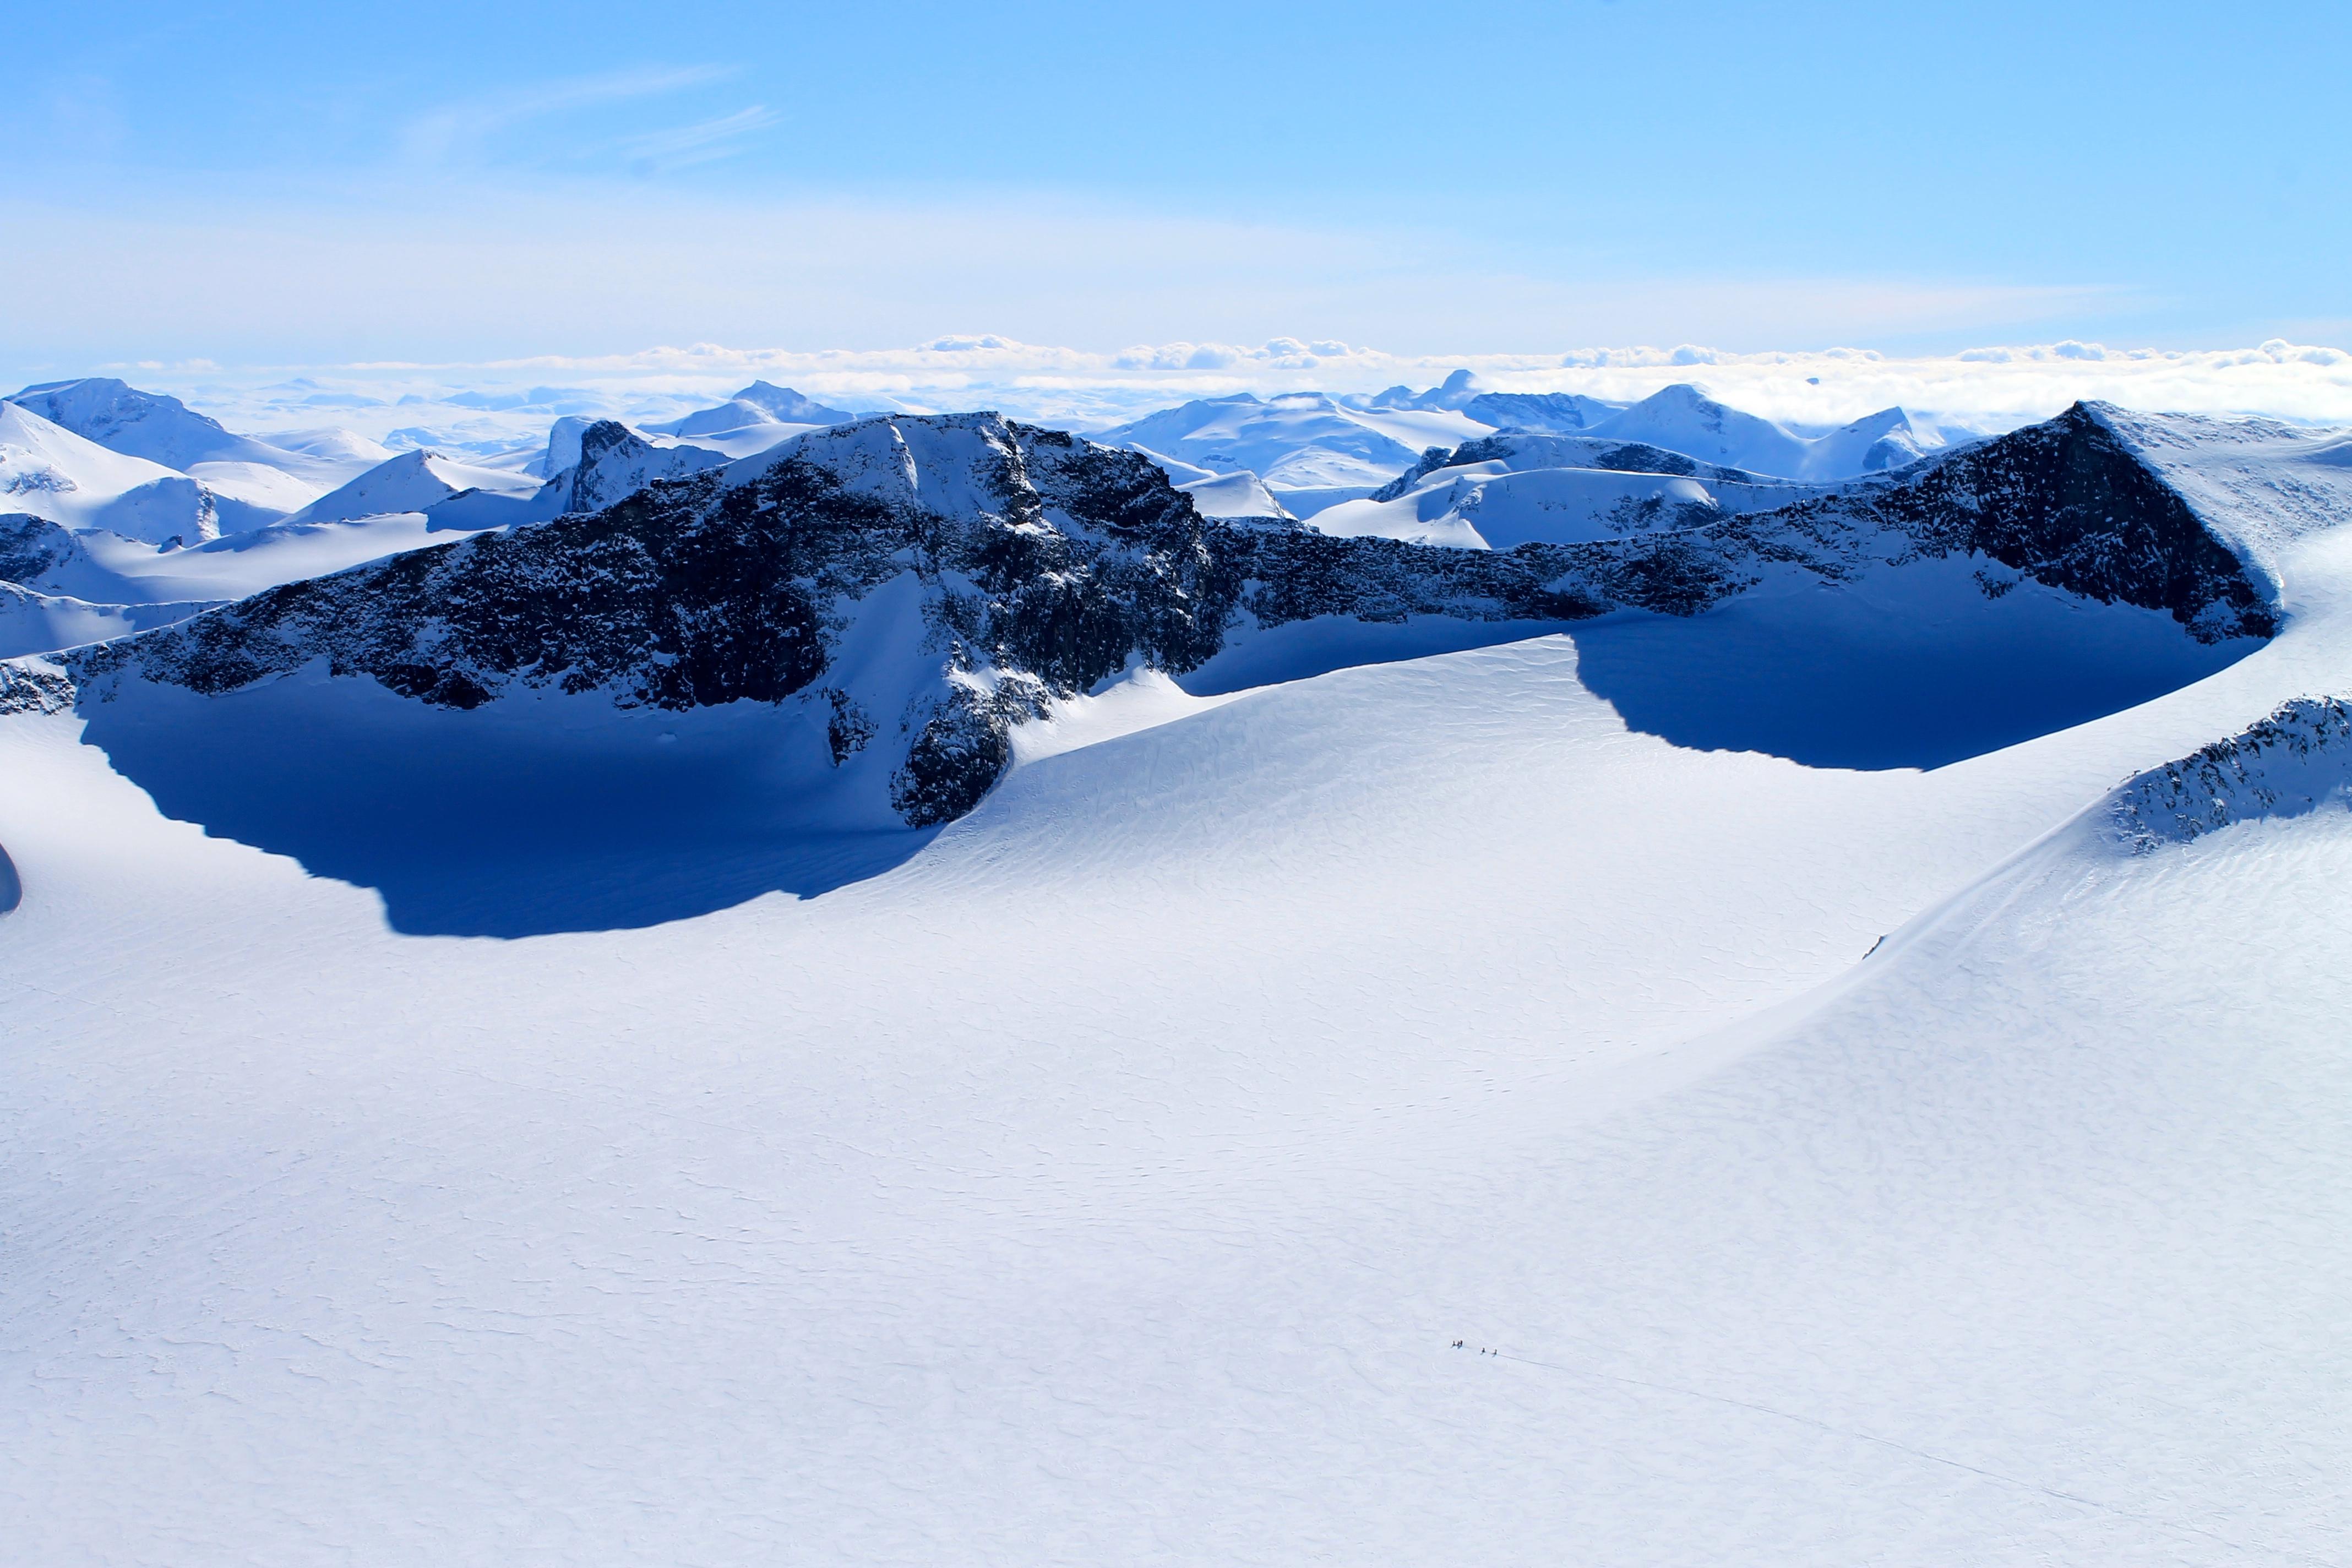 Et turlag på vei over Svellnosbrean i Jotunheimen. Tverråtindan i bakgrunnen.